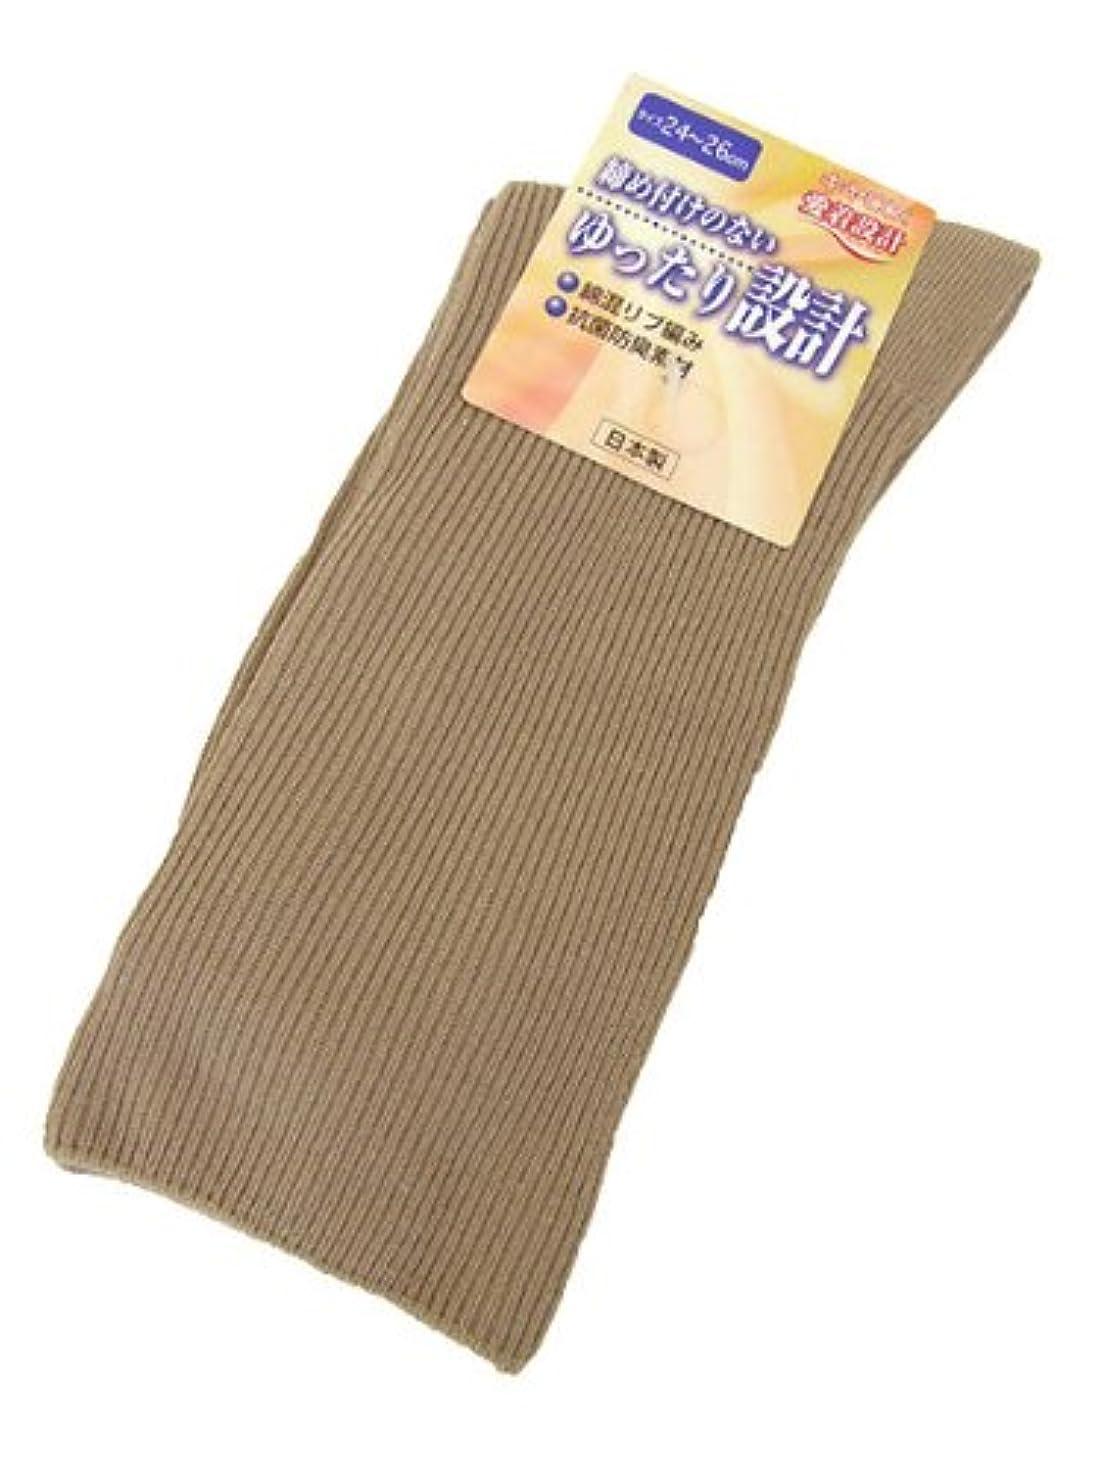 川食物カウントゆったり設計ソックス綿混リブ 紳士用 ベージュ